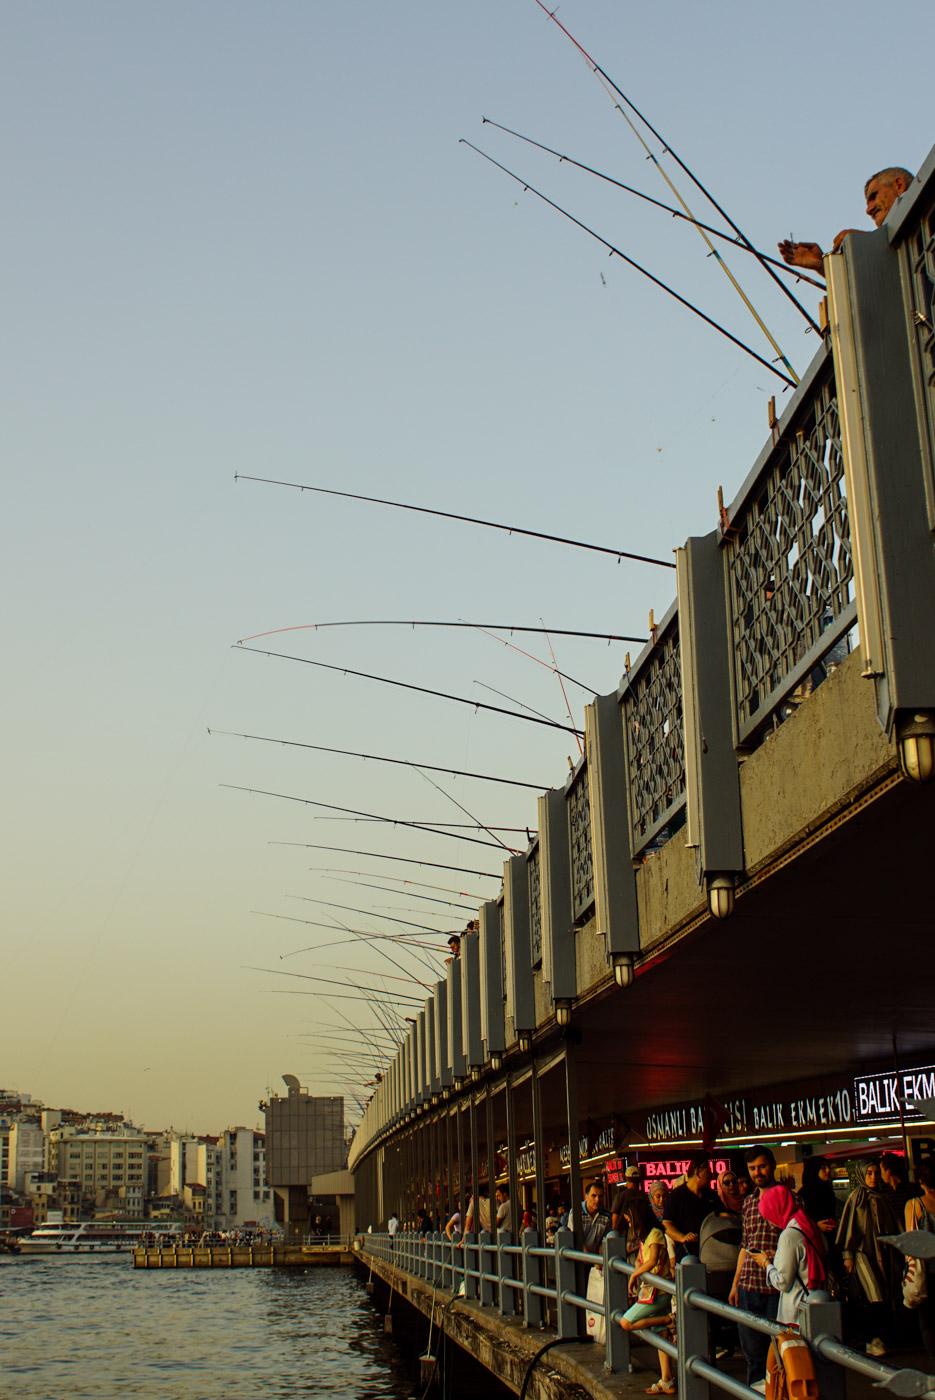 Blick vom Ufer auf die Galata Brücke in Istanbul. oben am Geländer stehen unzählige Handler über die gesamte Länge der Brücke Punkt im Untergeschoss der Brücke sind Touristen zu sehen die auch das Wasser gucken hinter ihnen sind zahlreiche Restaurants.